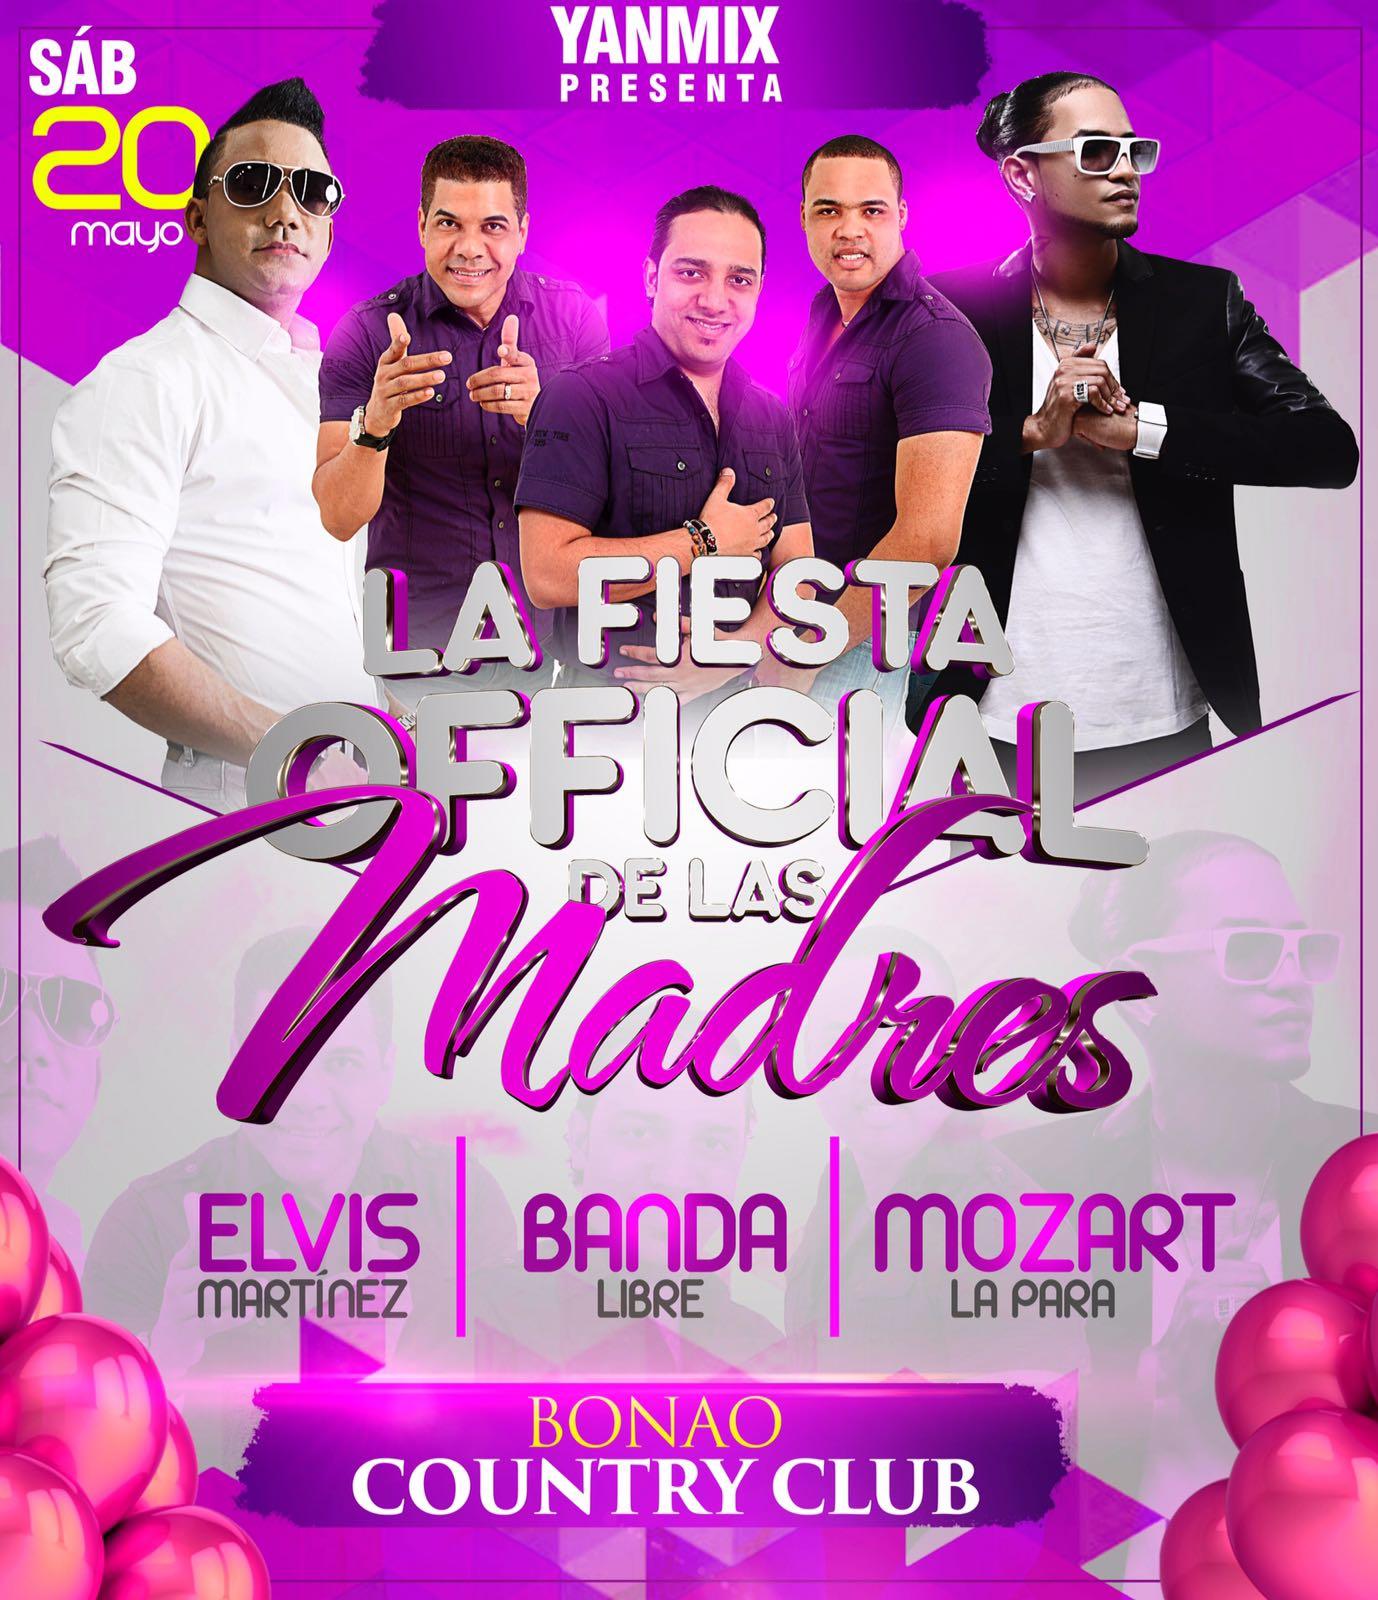 20 DE MAYO EN EL BONAO COUNTRY CLUB